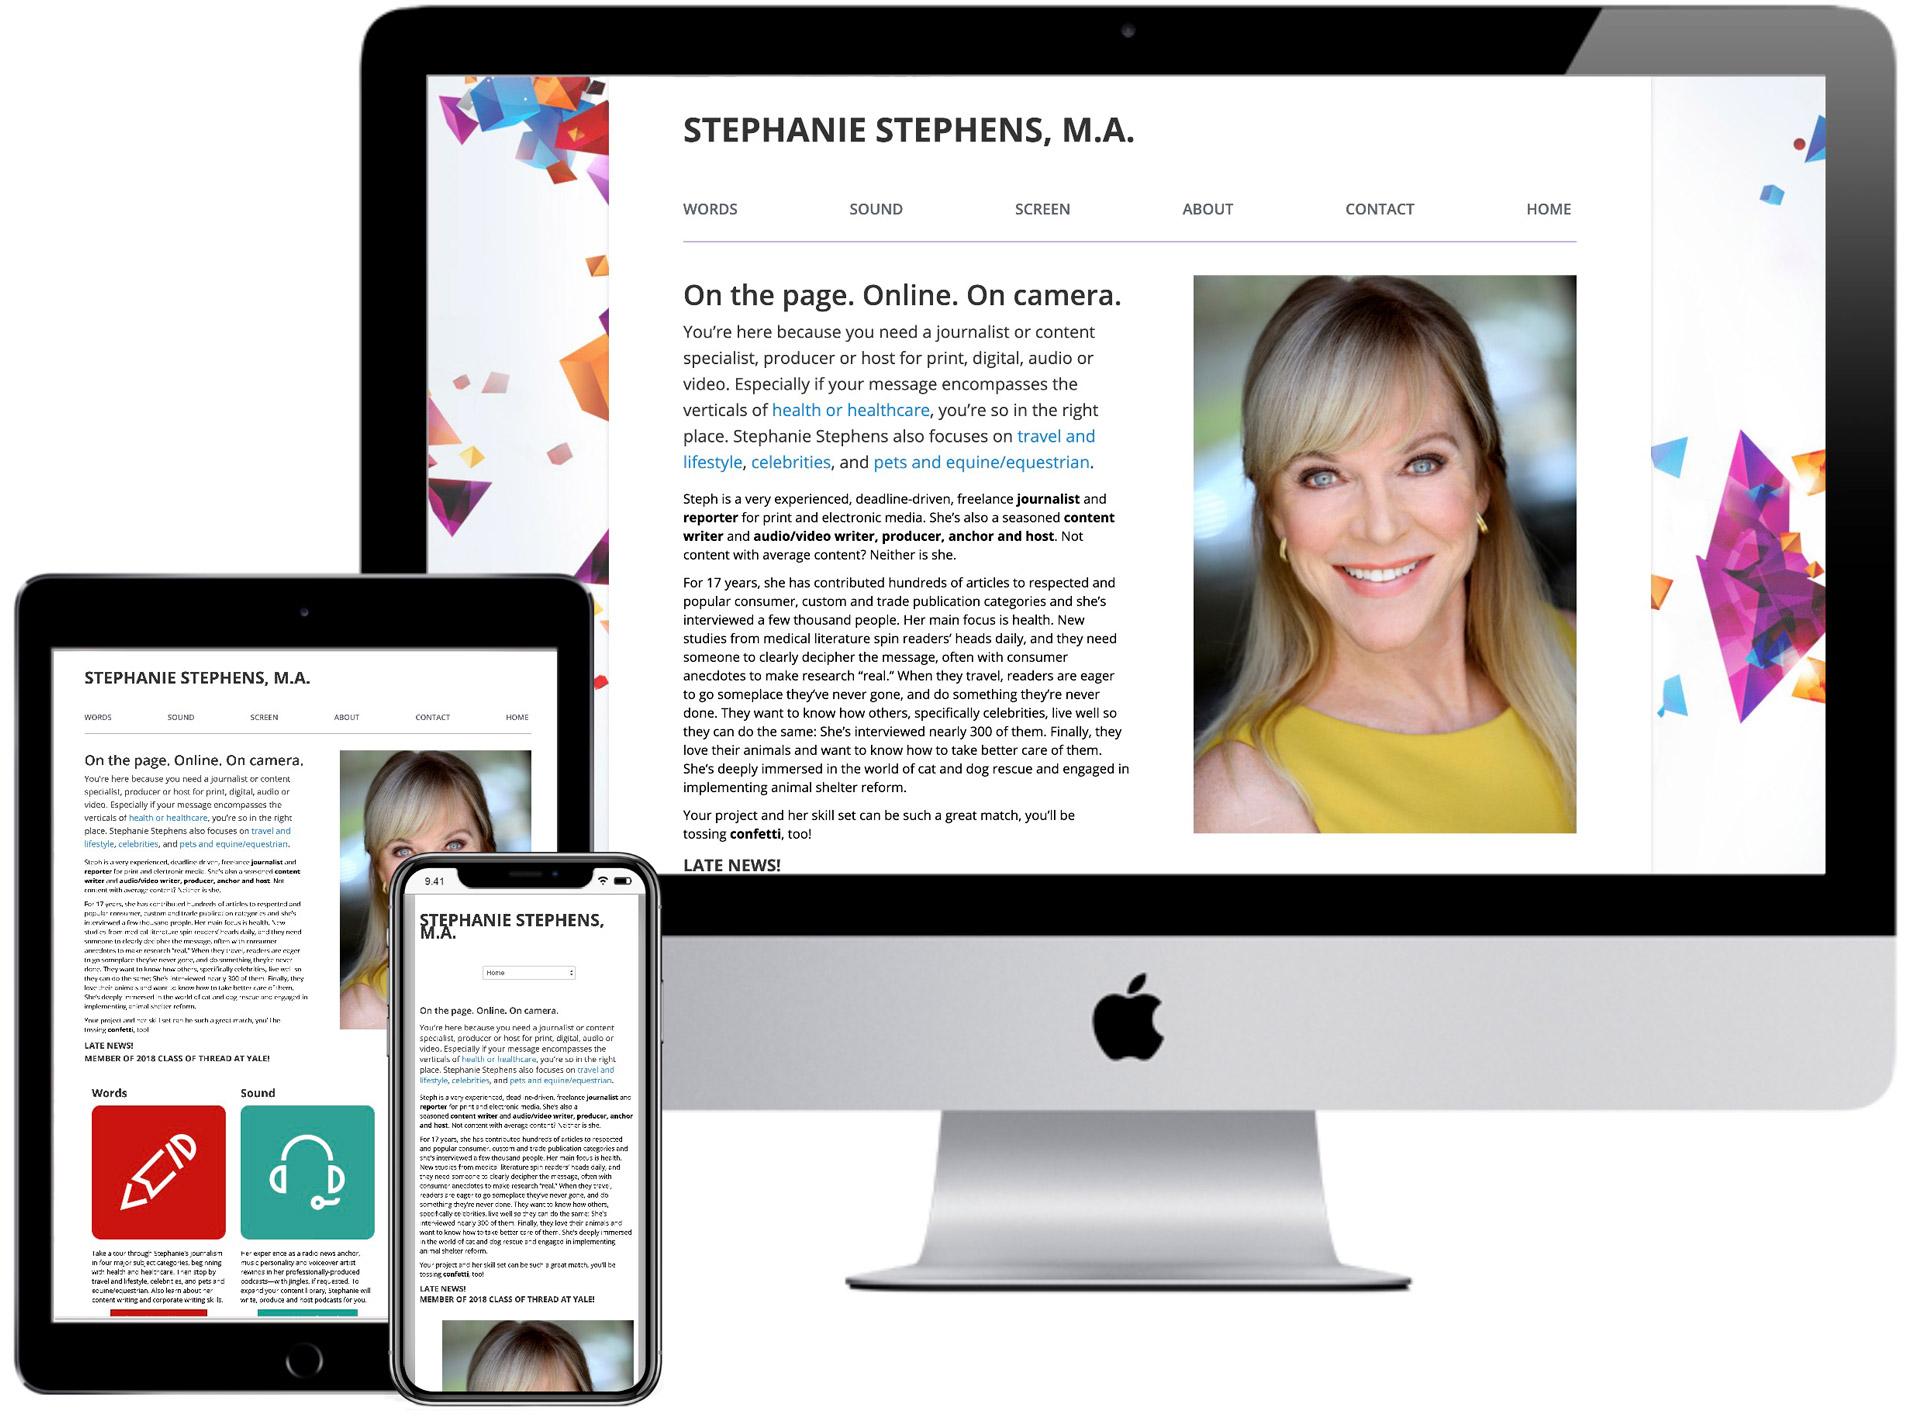 Stephanie Stephens Website